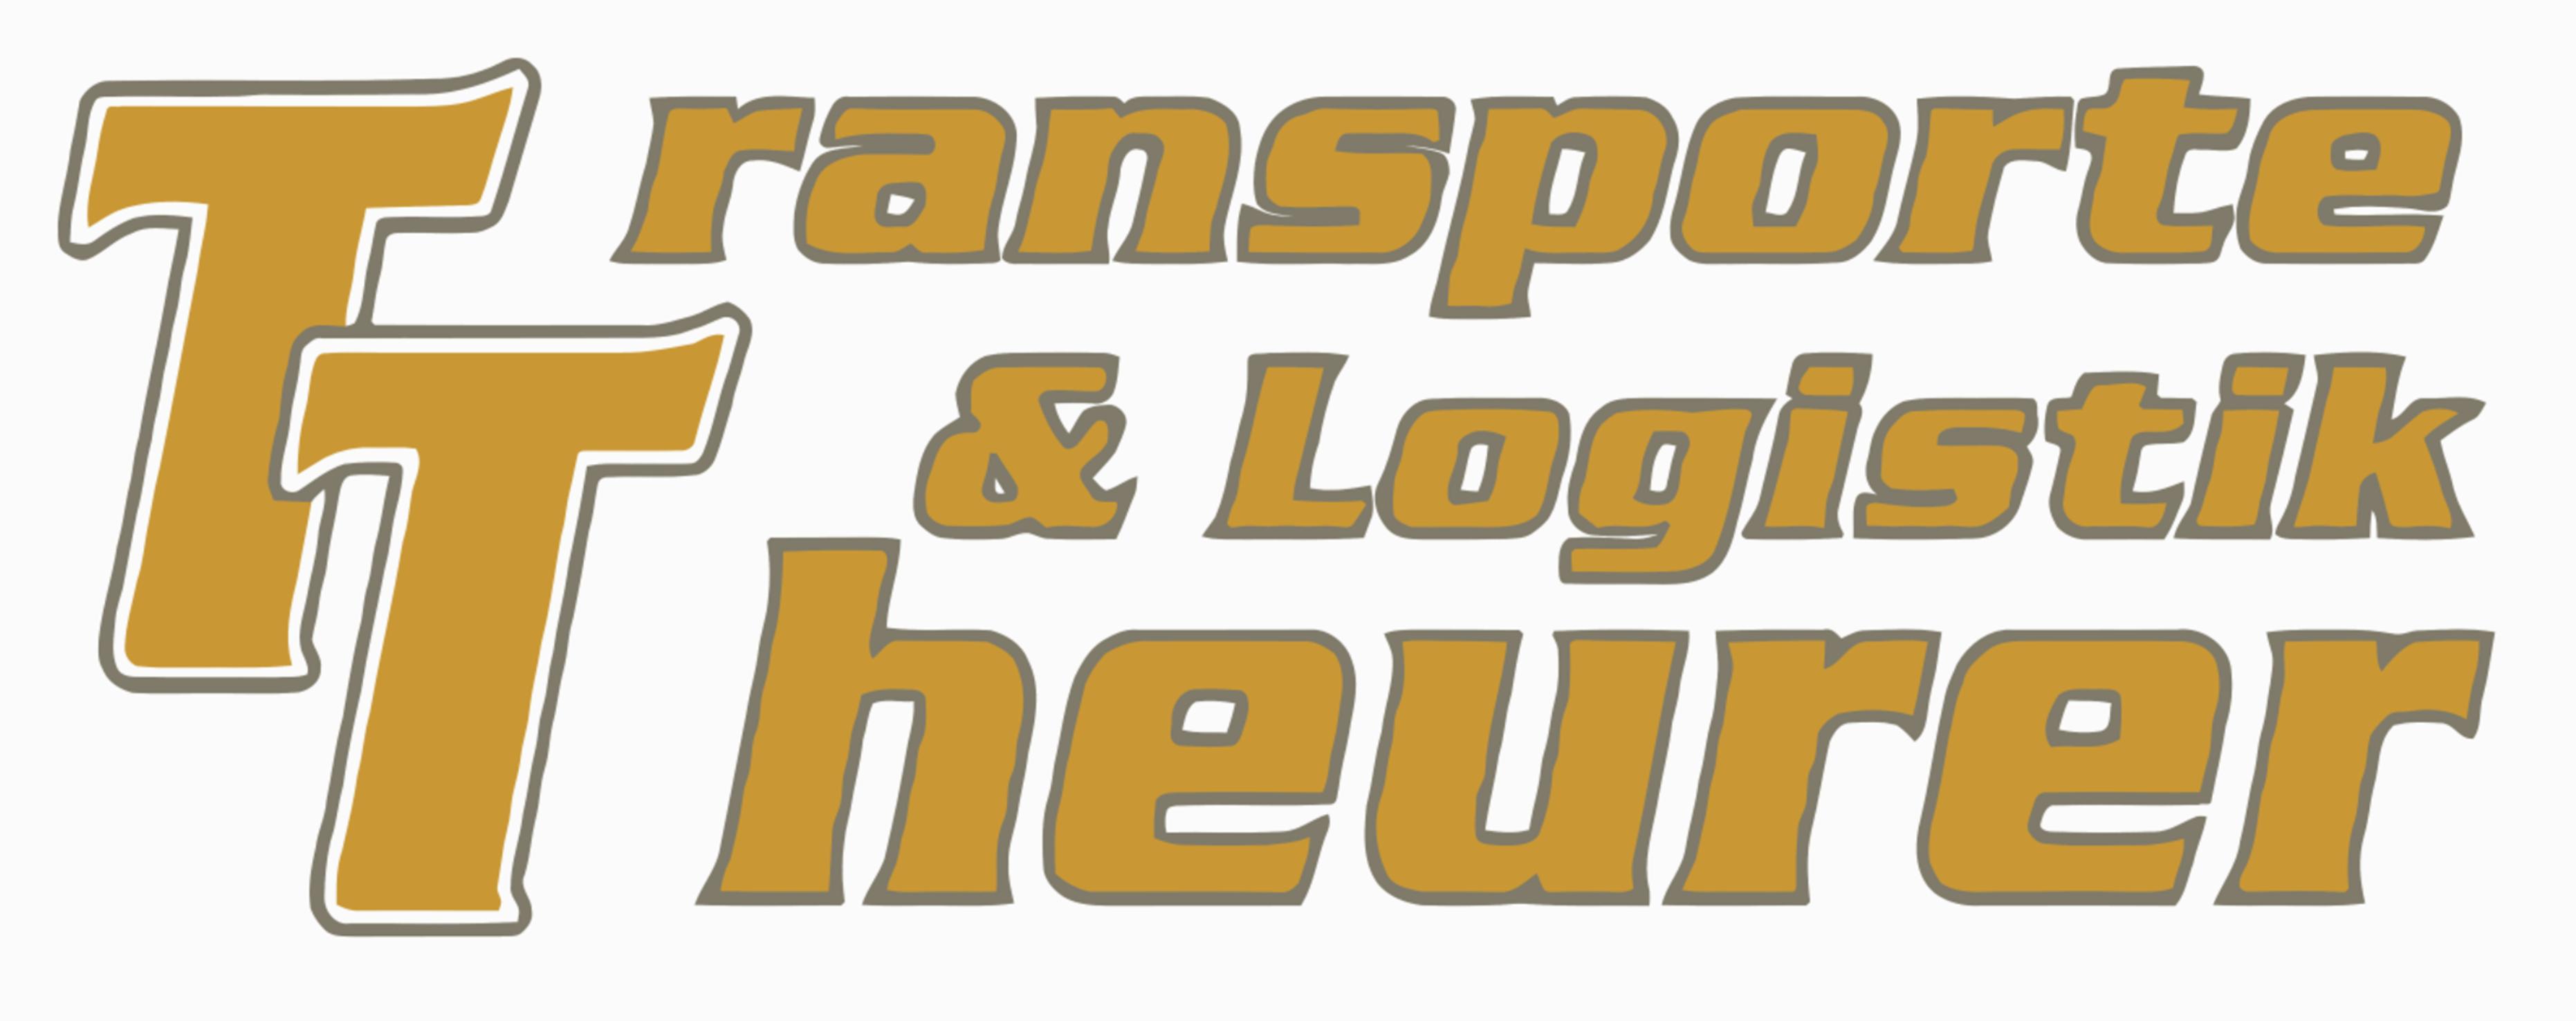 Transport und Logistik Theurer